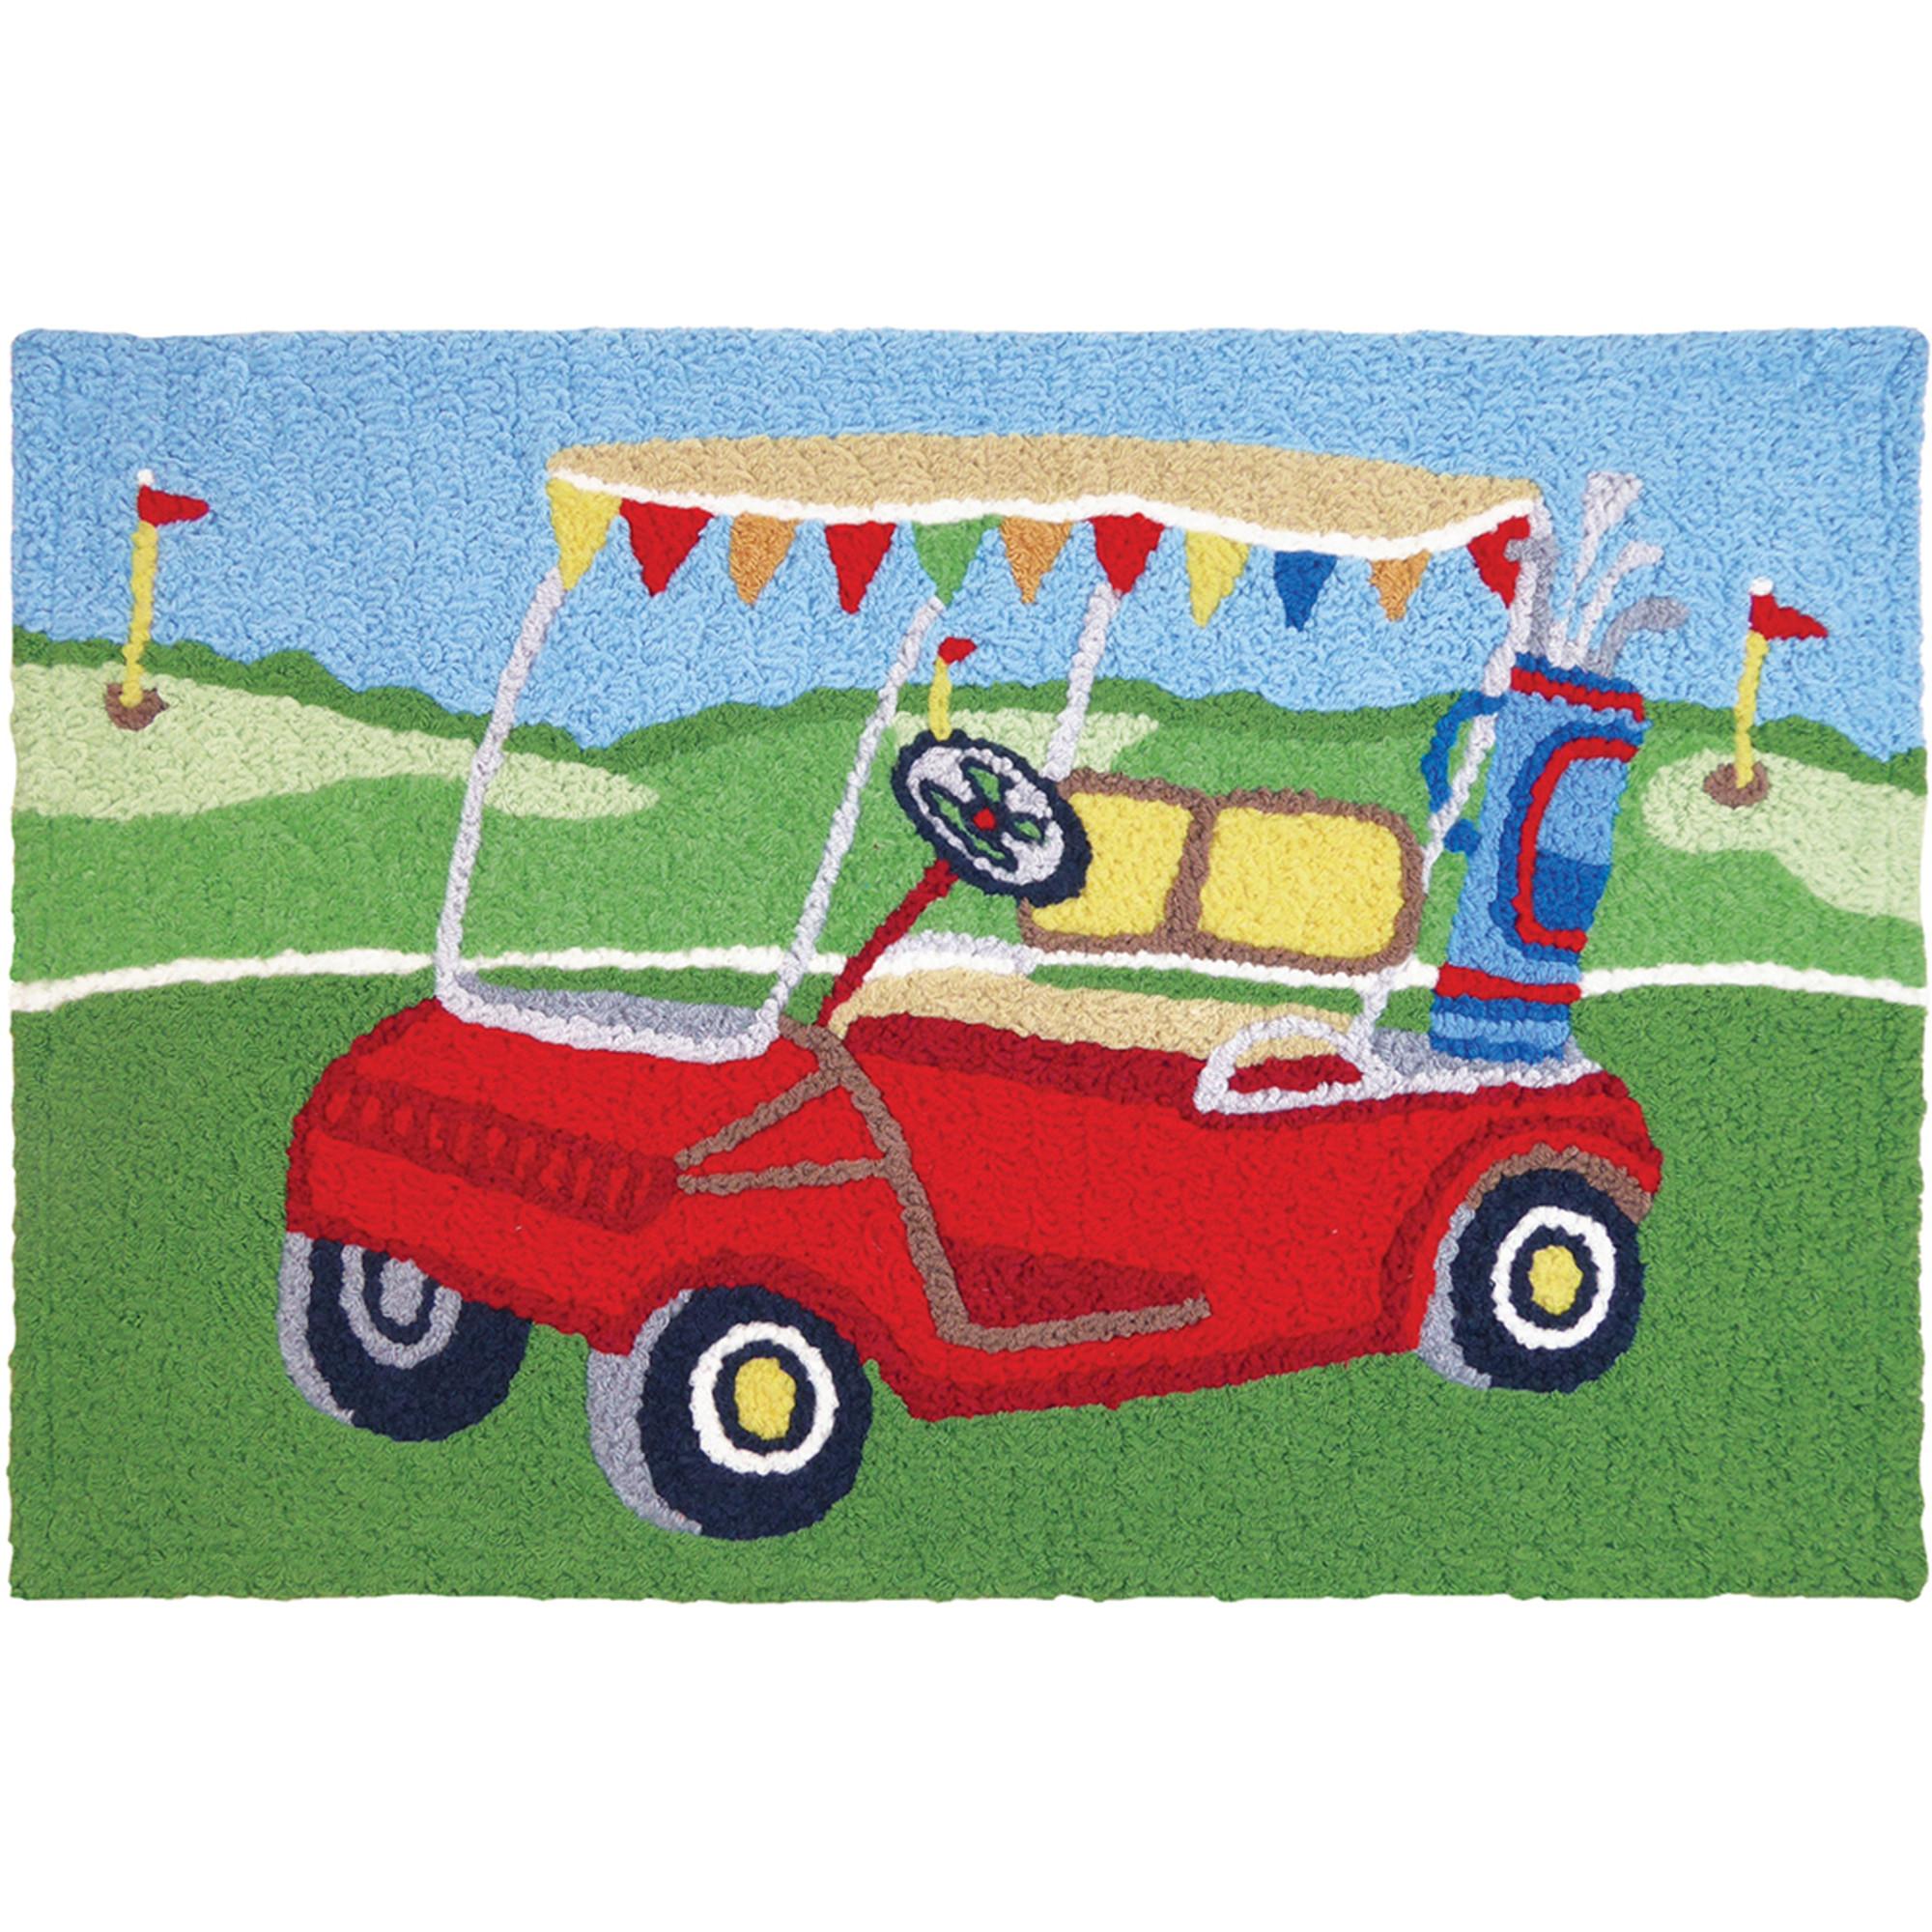 Golfing A Round